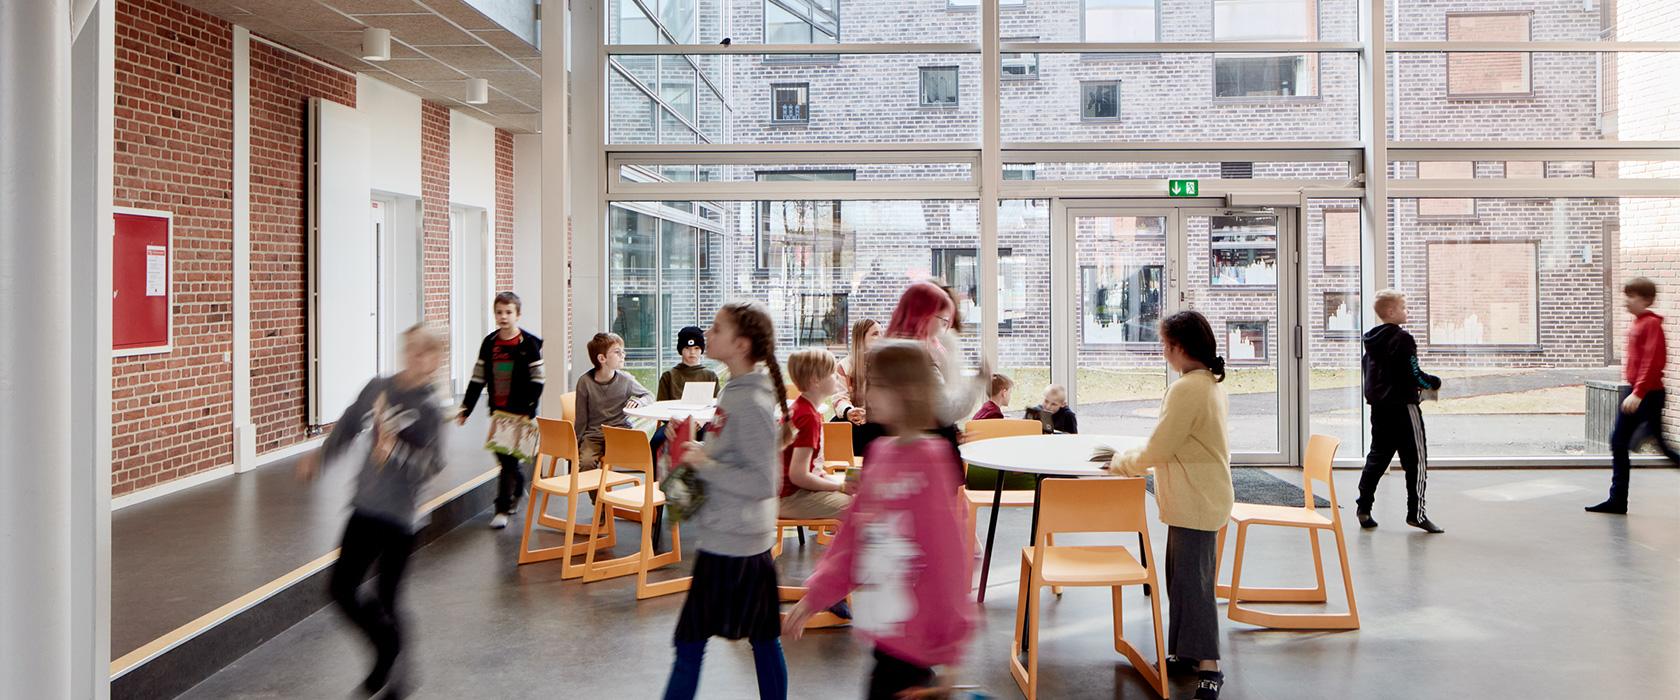 Kjellerup Skoles auditorium